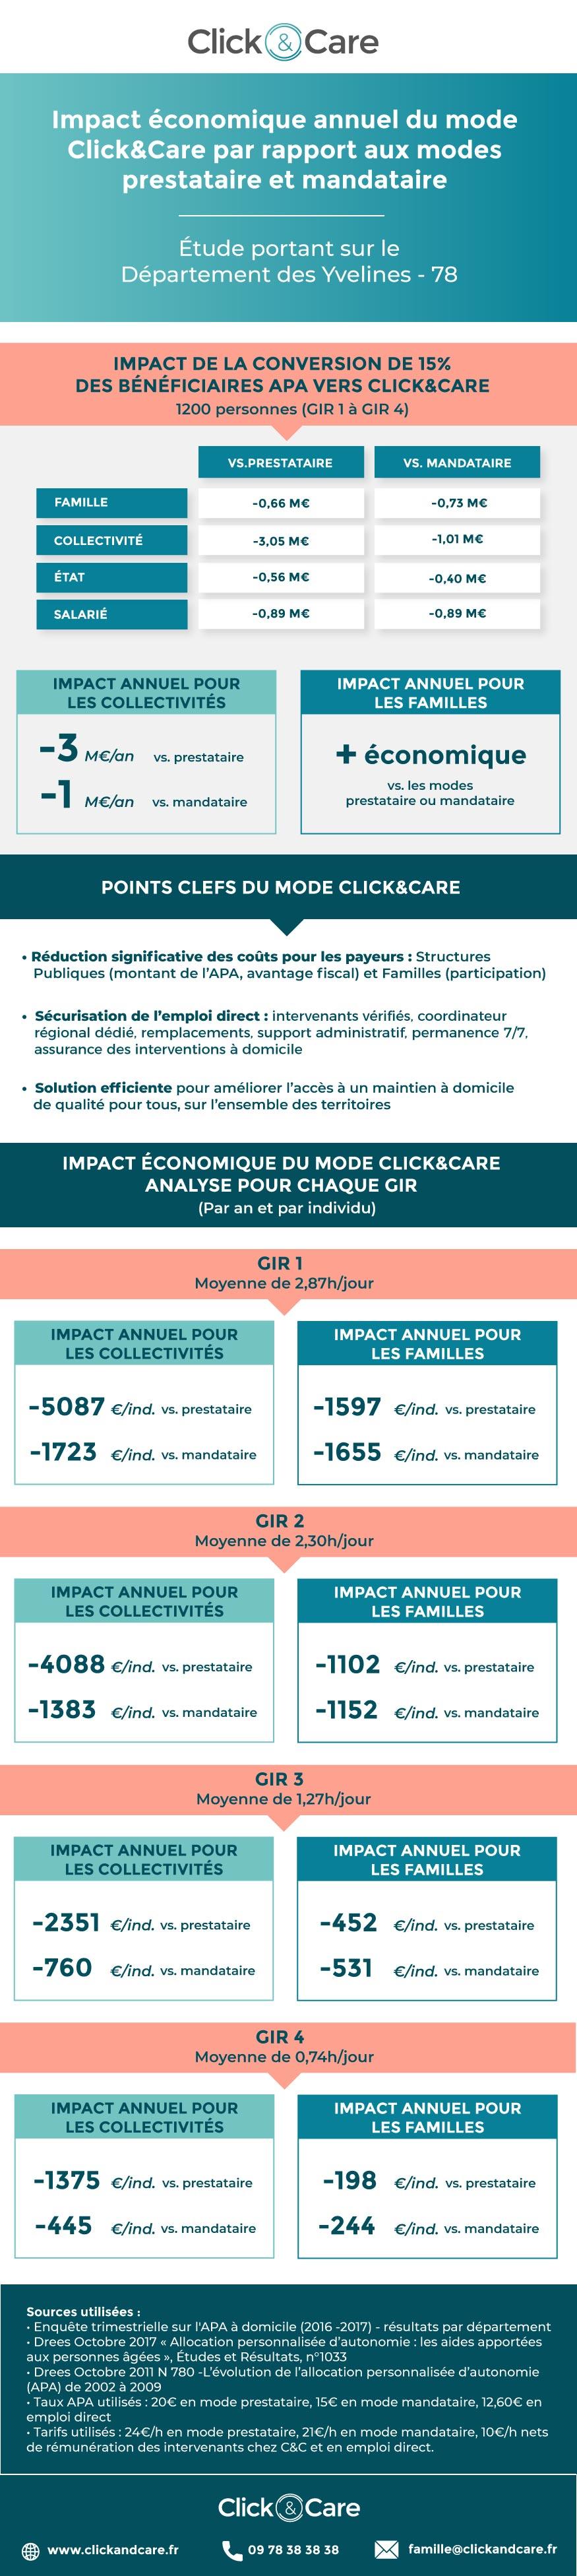 infographie impact économique annuel du mode clickandcare pour les yvelines